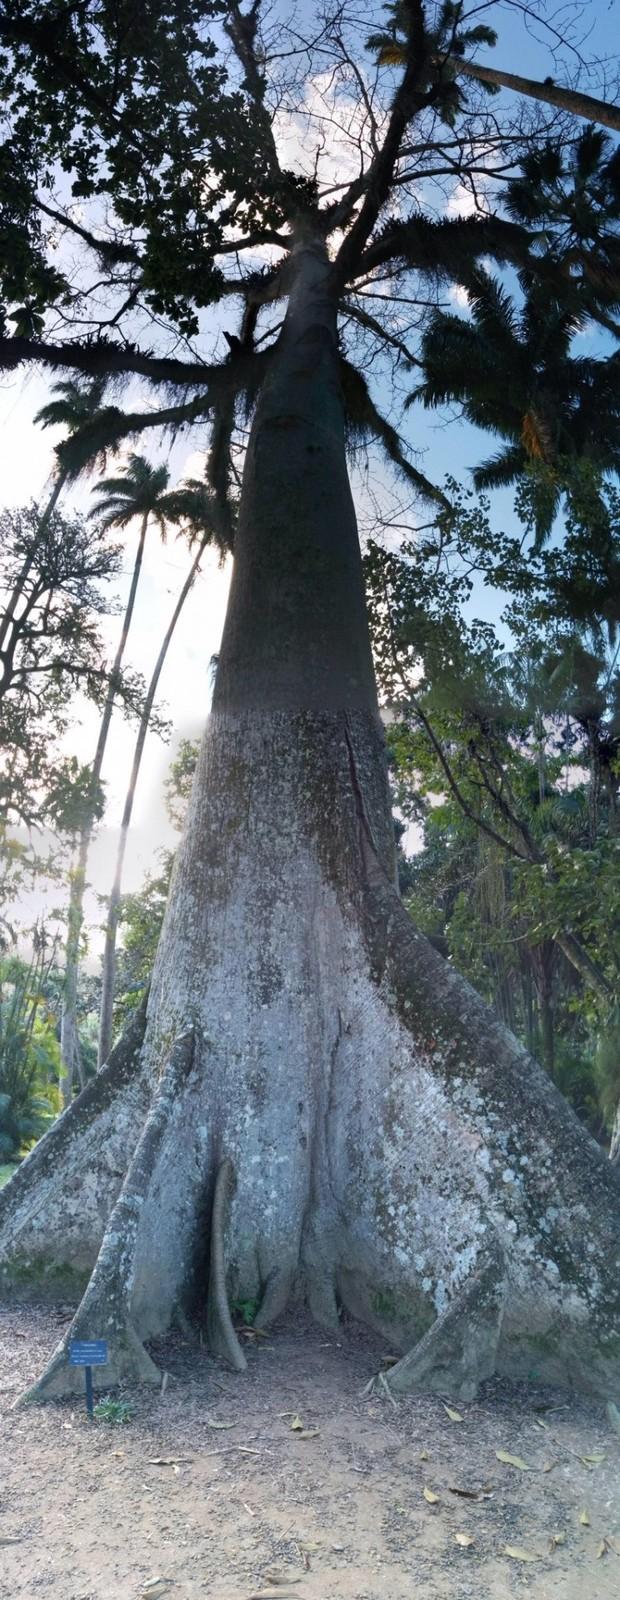 Niesamowite drzewo wOgrodzie Botanicznym wRio de Janeiro, Brazylia